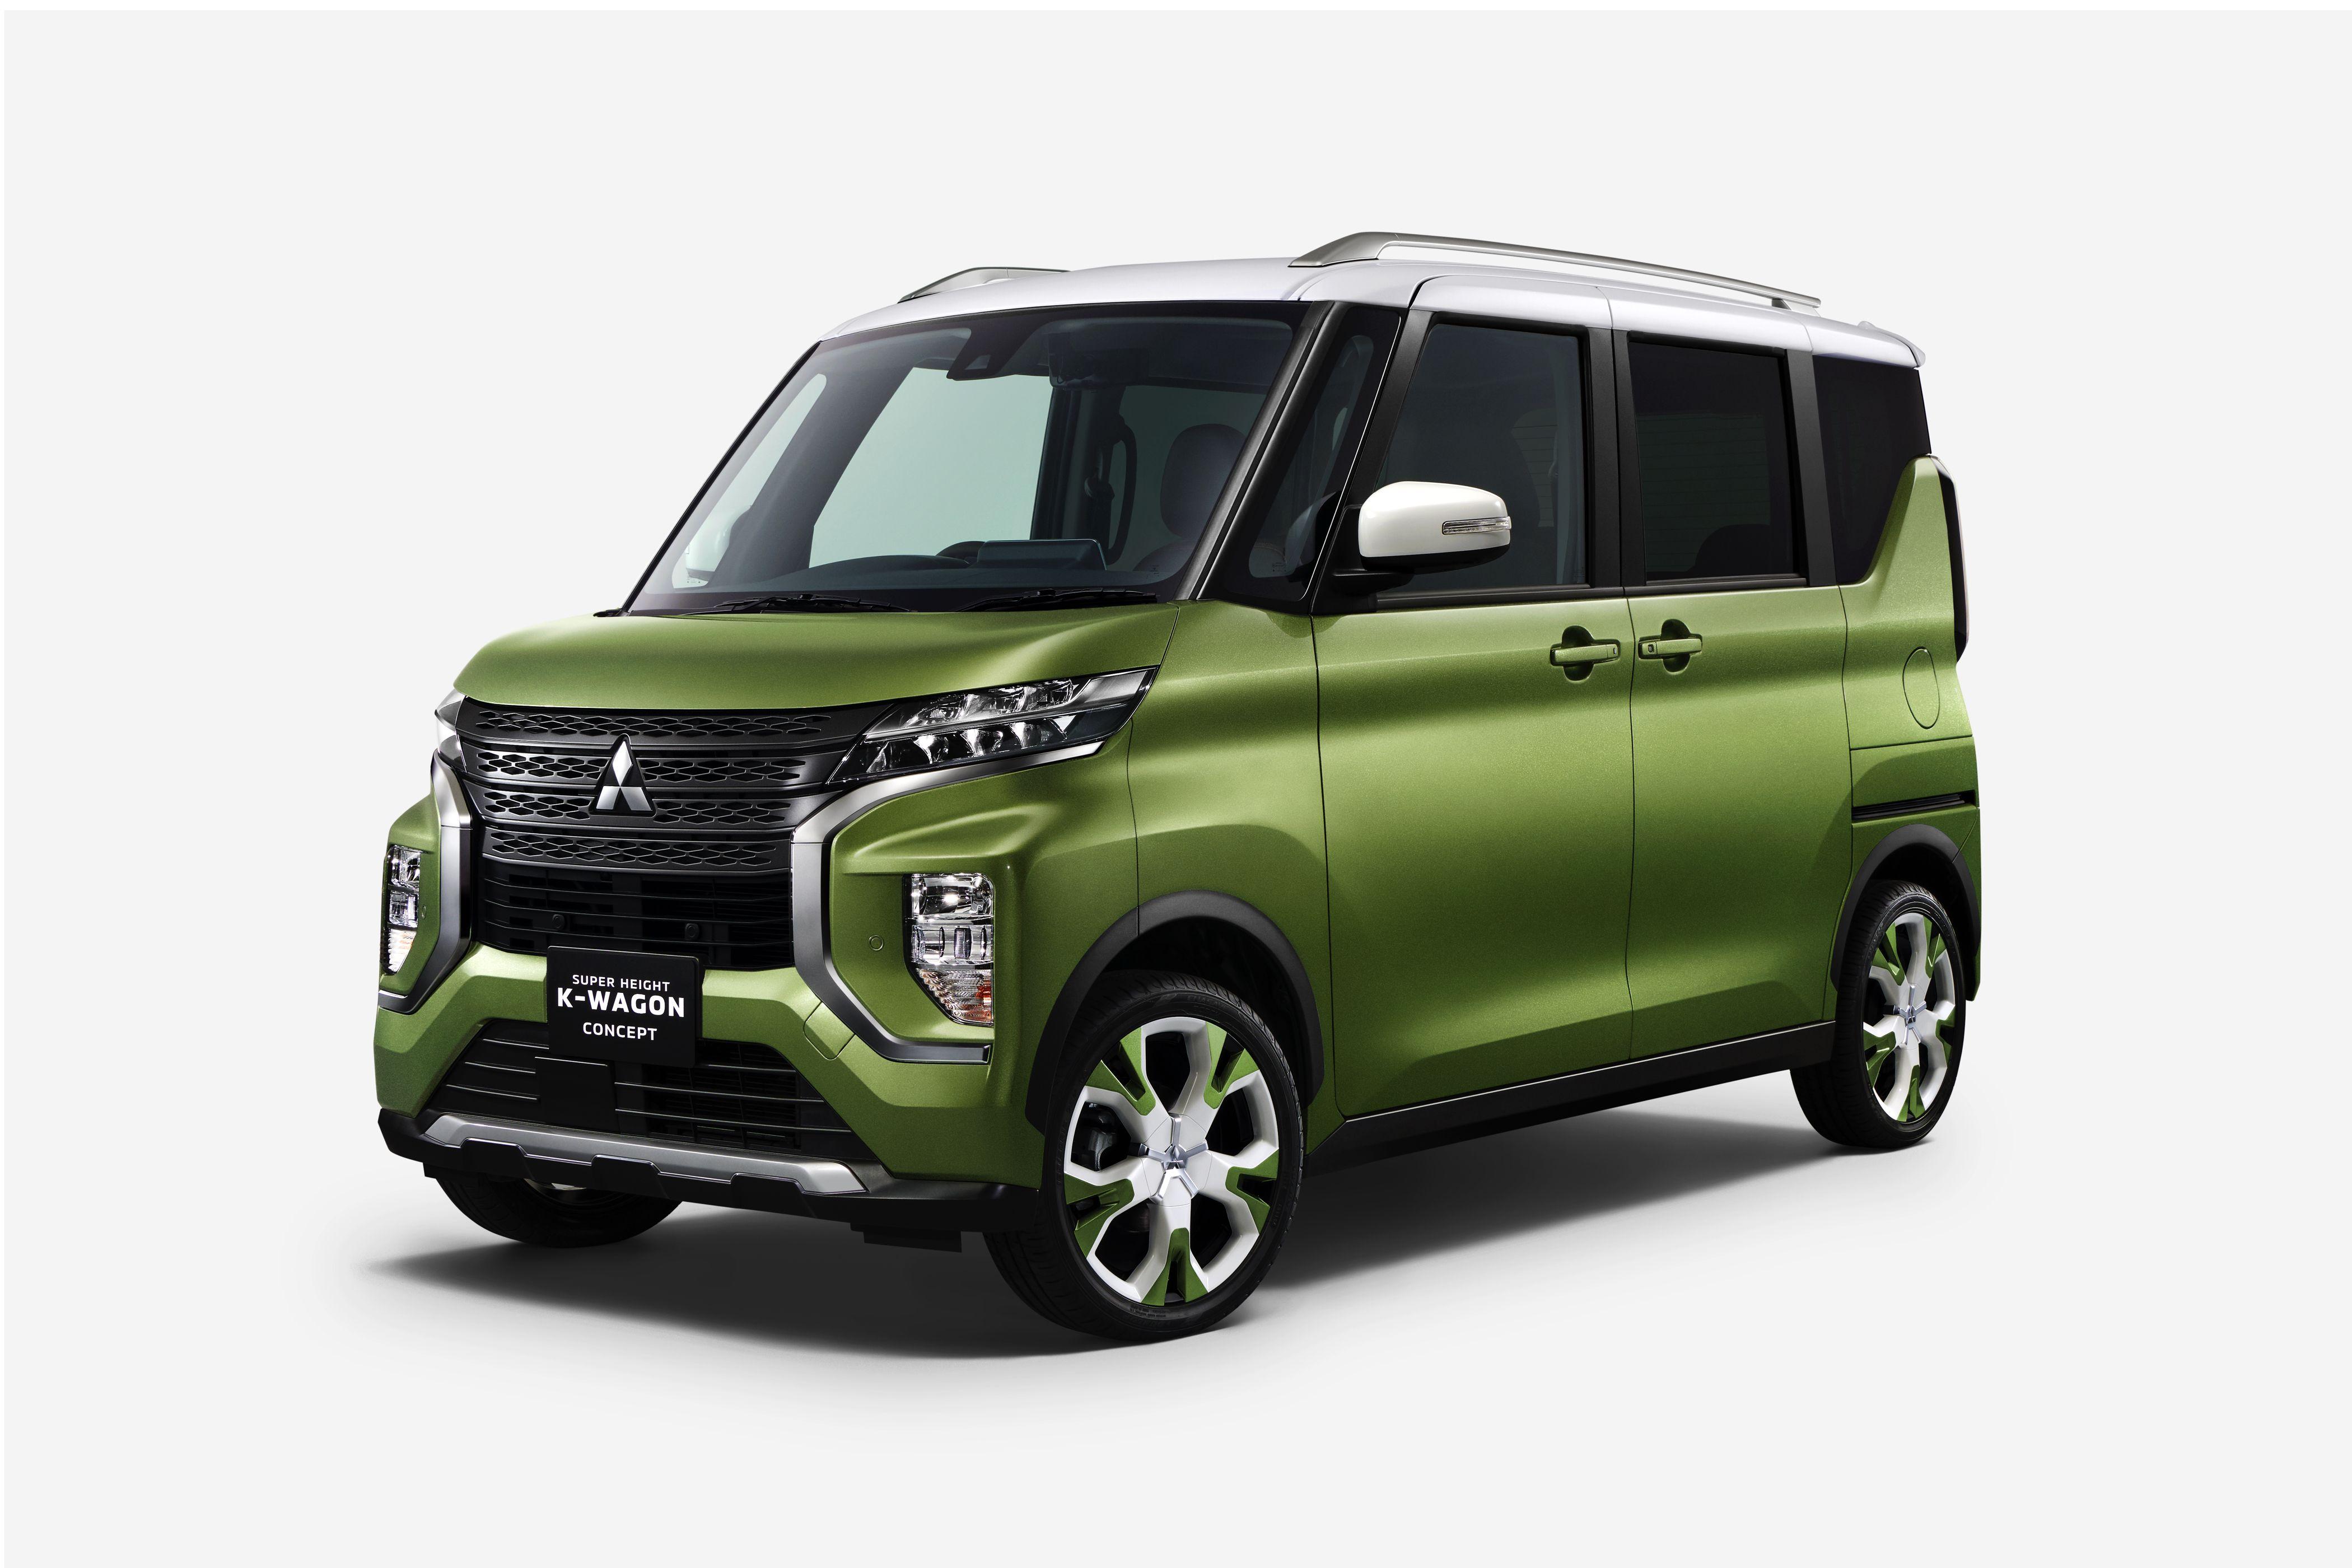 2020 Mitsubishi Super Height K Wagon Concept Top Speed Kei Car Mitsubishi Ek Wagon Tokyo Motor Show